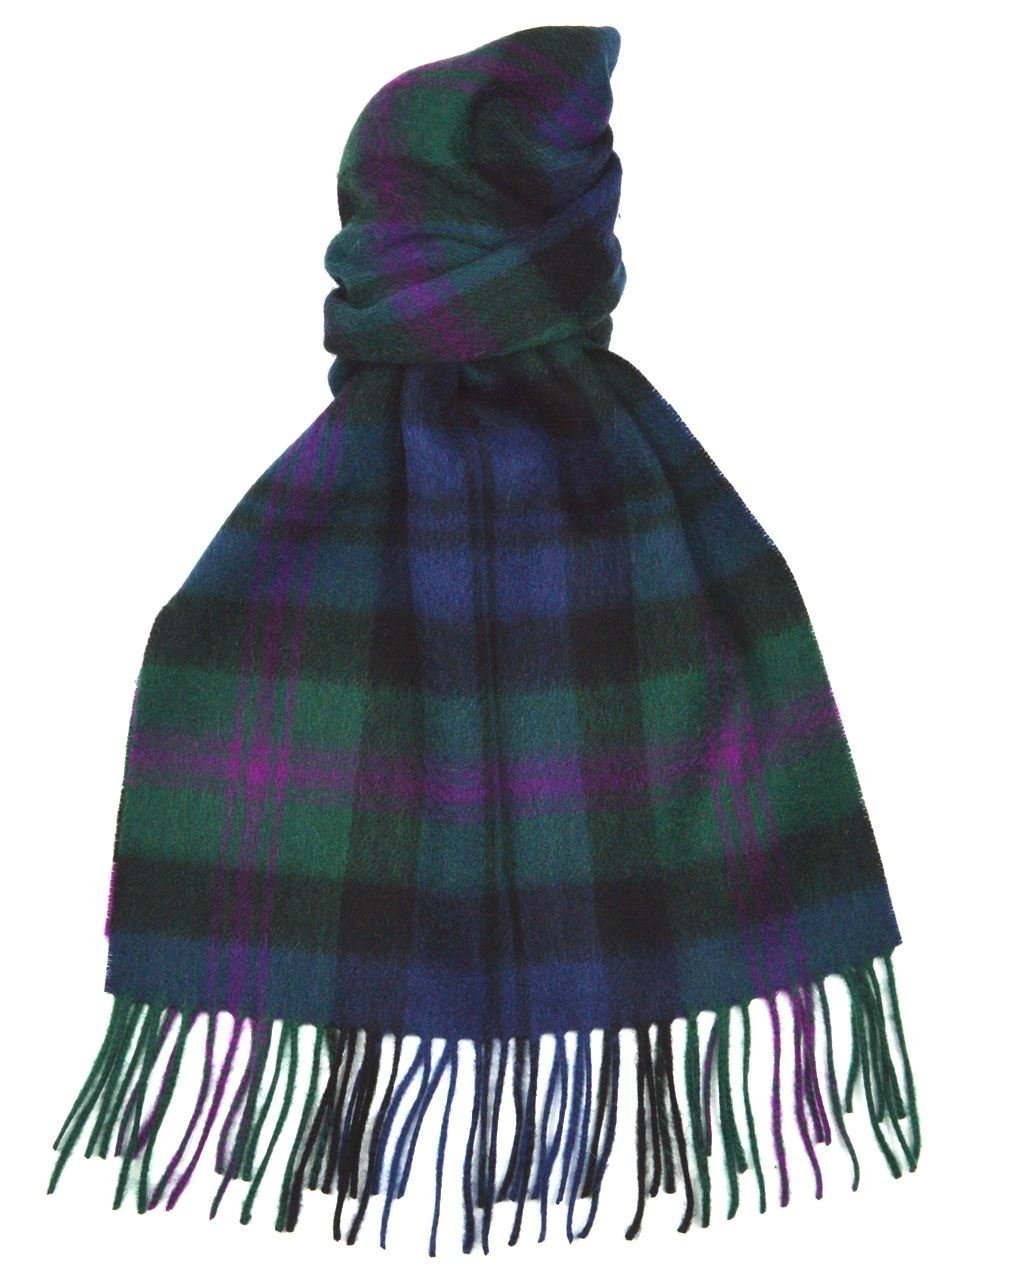 Lambswool Scottish Baird Modern Tartan Clan Scarf Gift